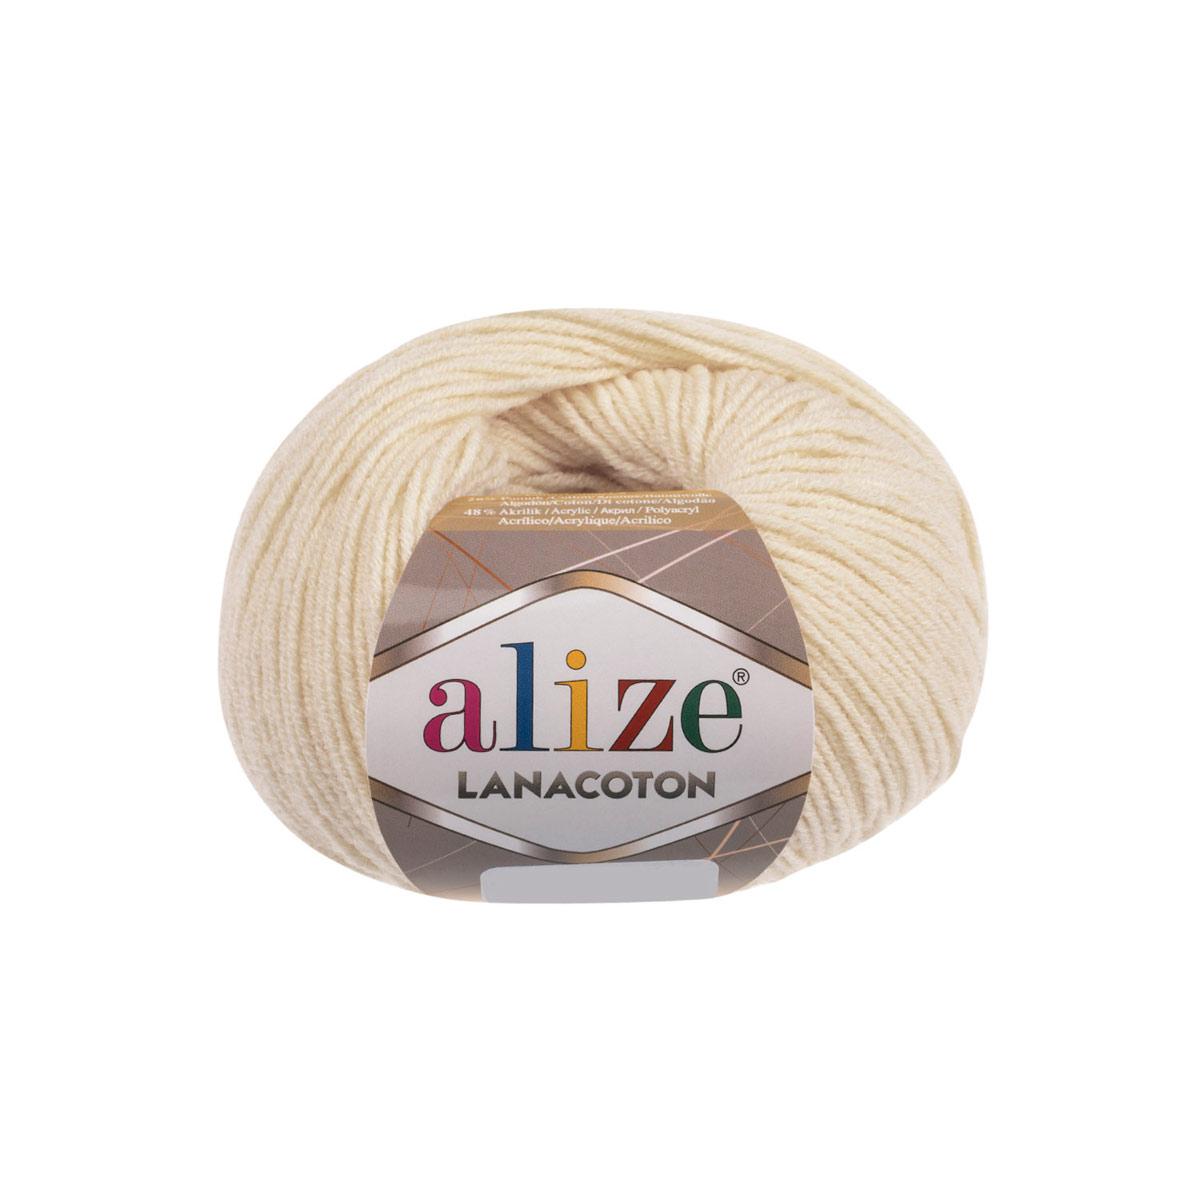 Пряжа Alize 'Lanacoton' 50г 160м (26% шерсть, 26% хлопок, 48% акрил)